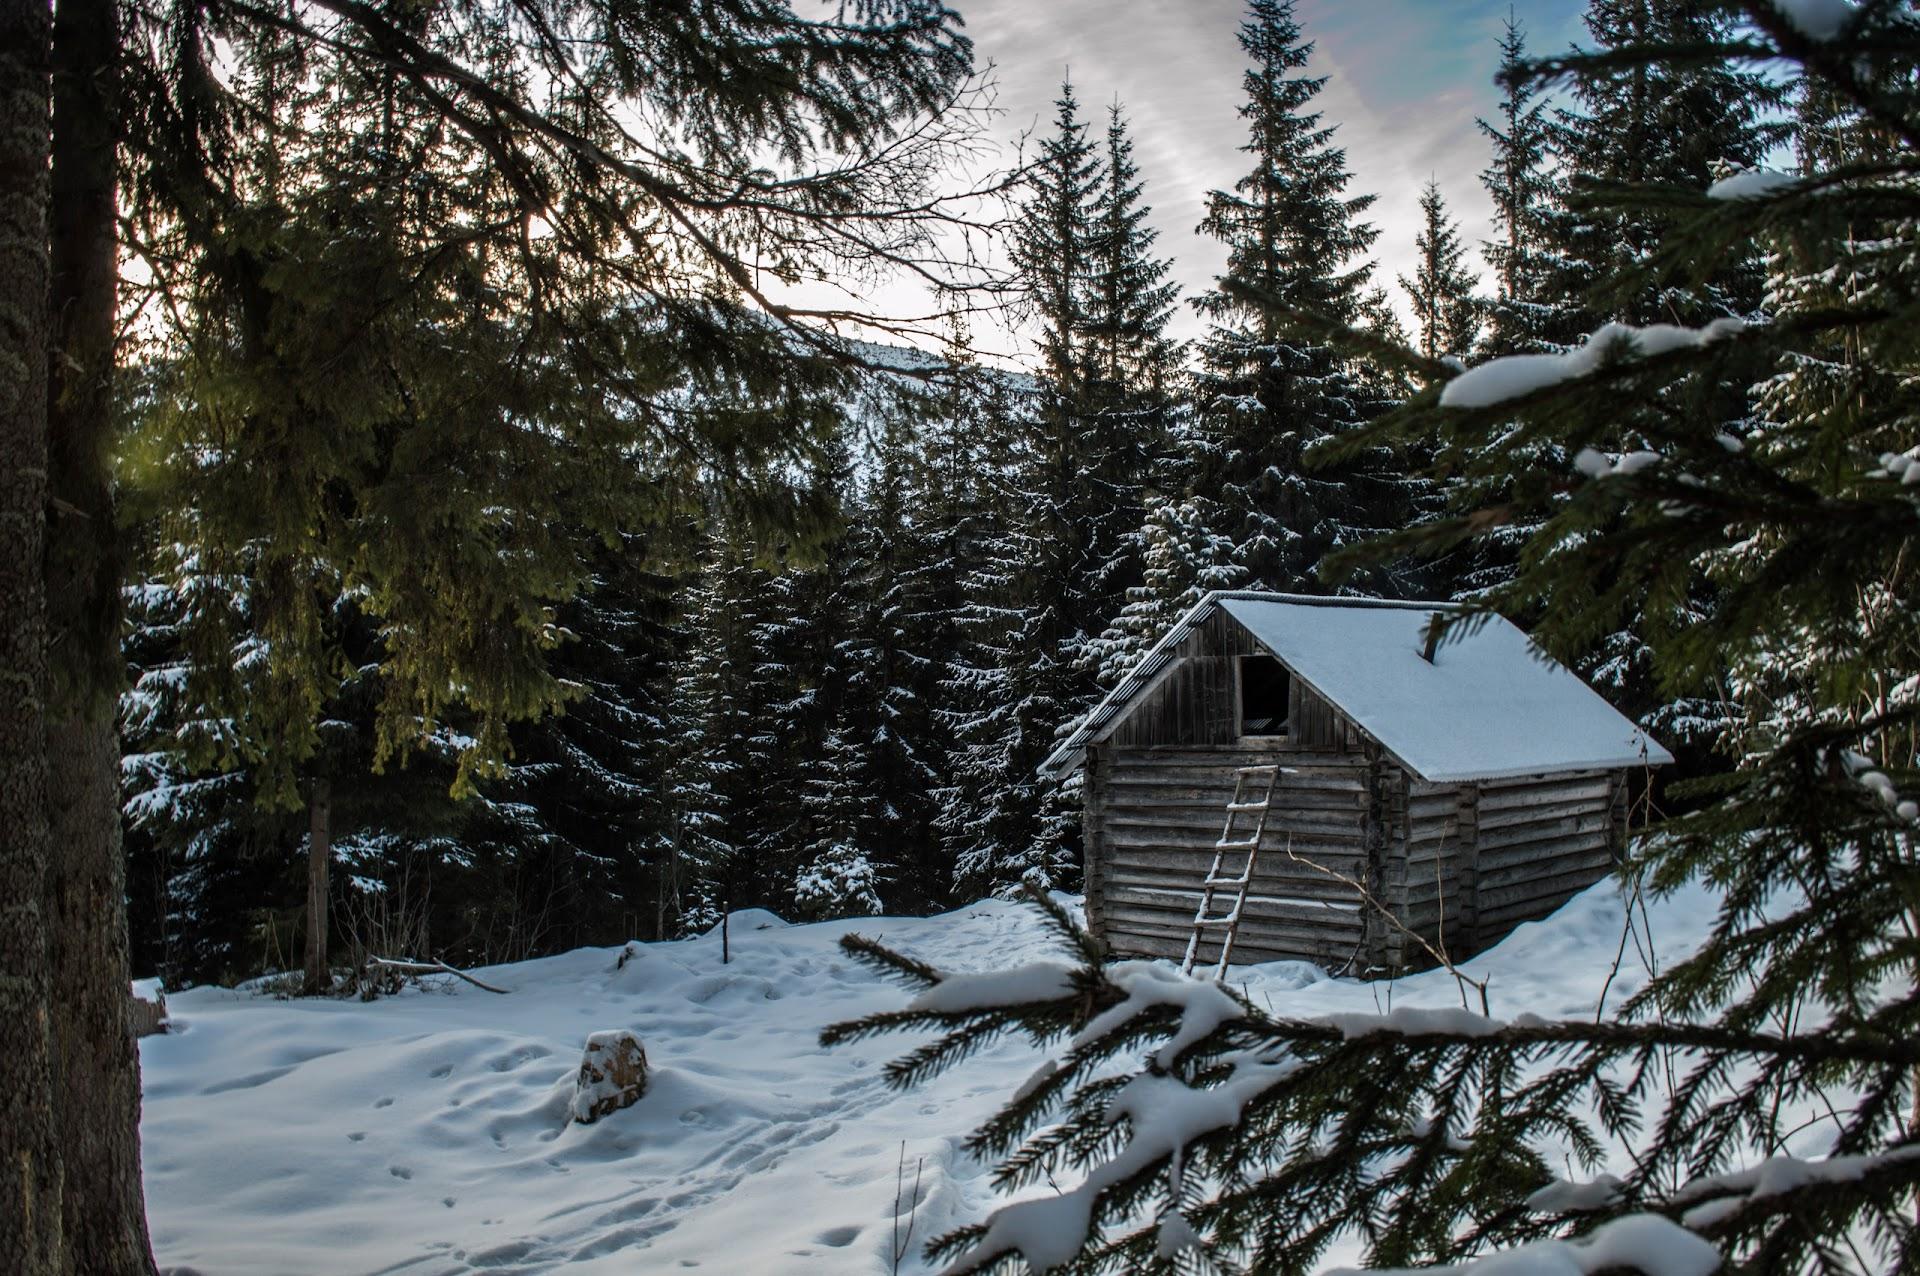 Мисливський Будиночок, Туристичний Притулок, Гірська Хатинка Під Яйком Ілемським